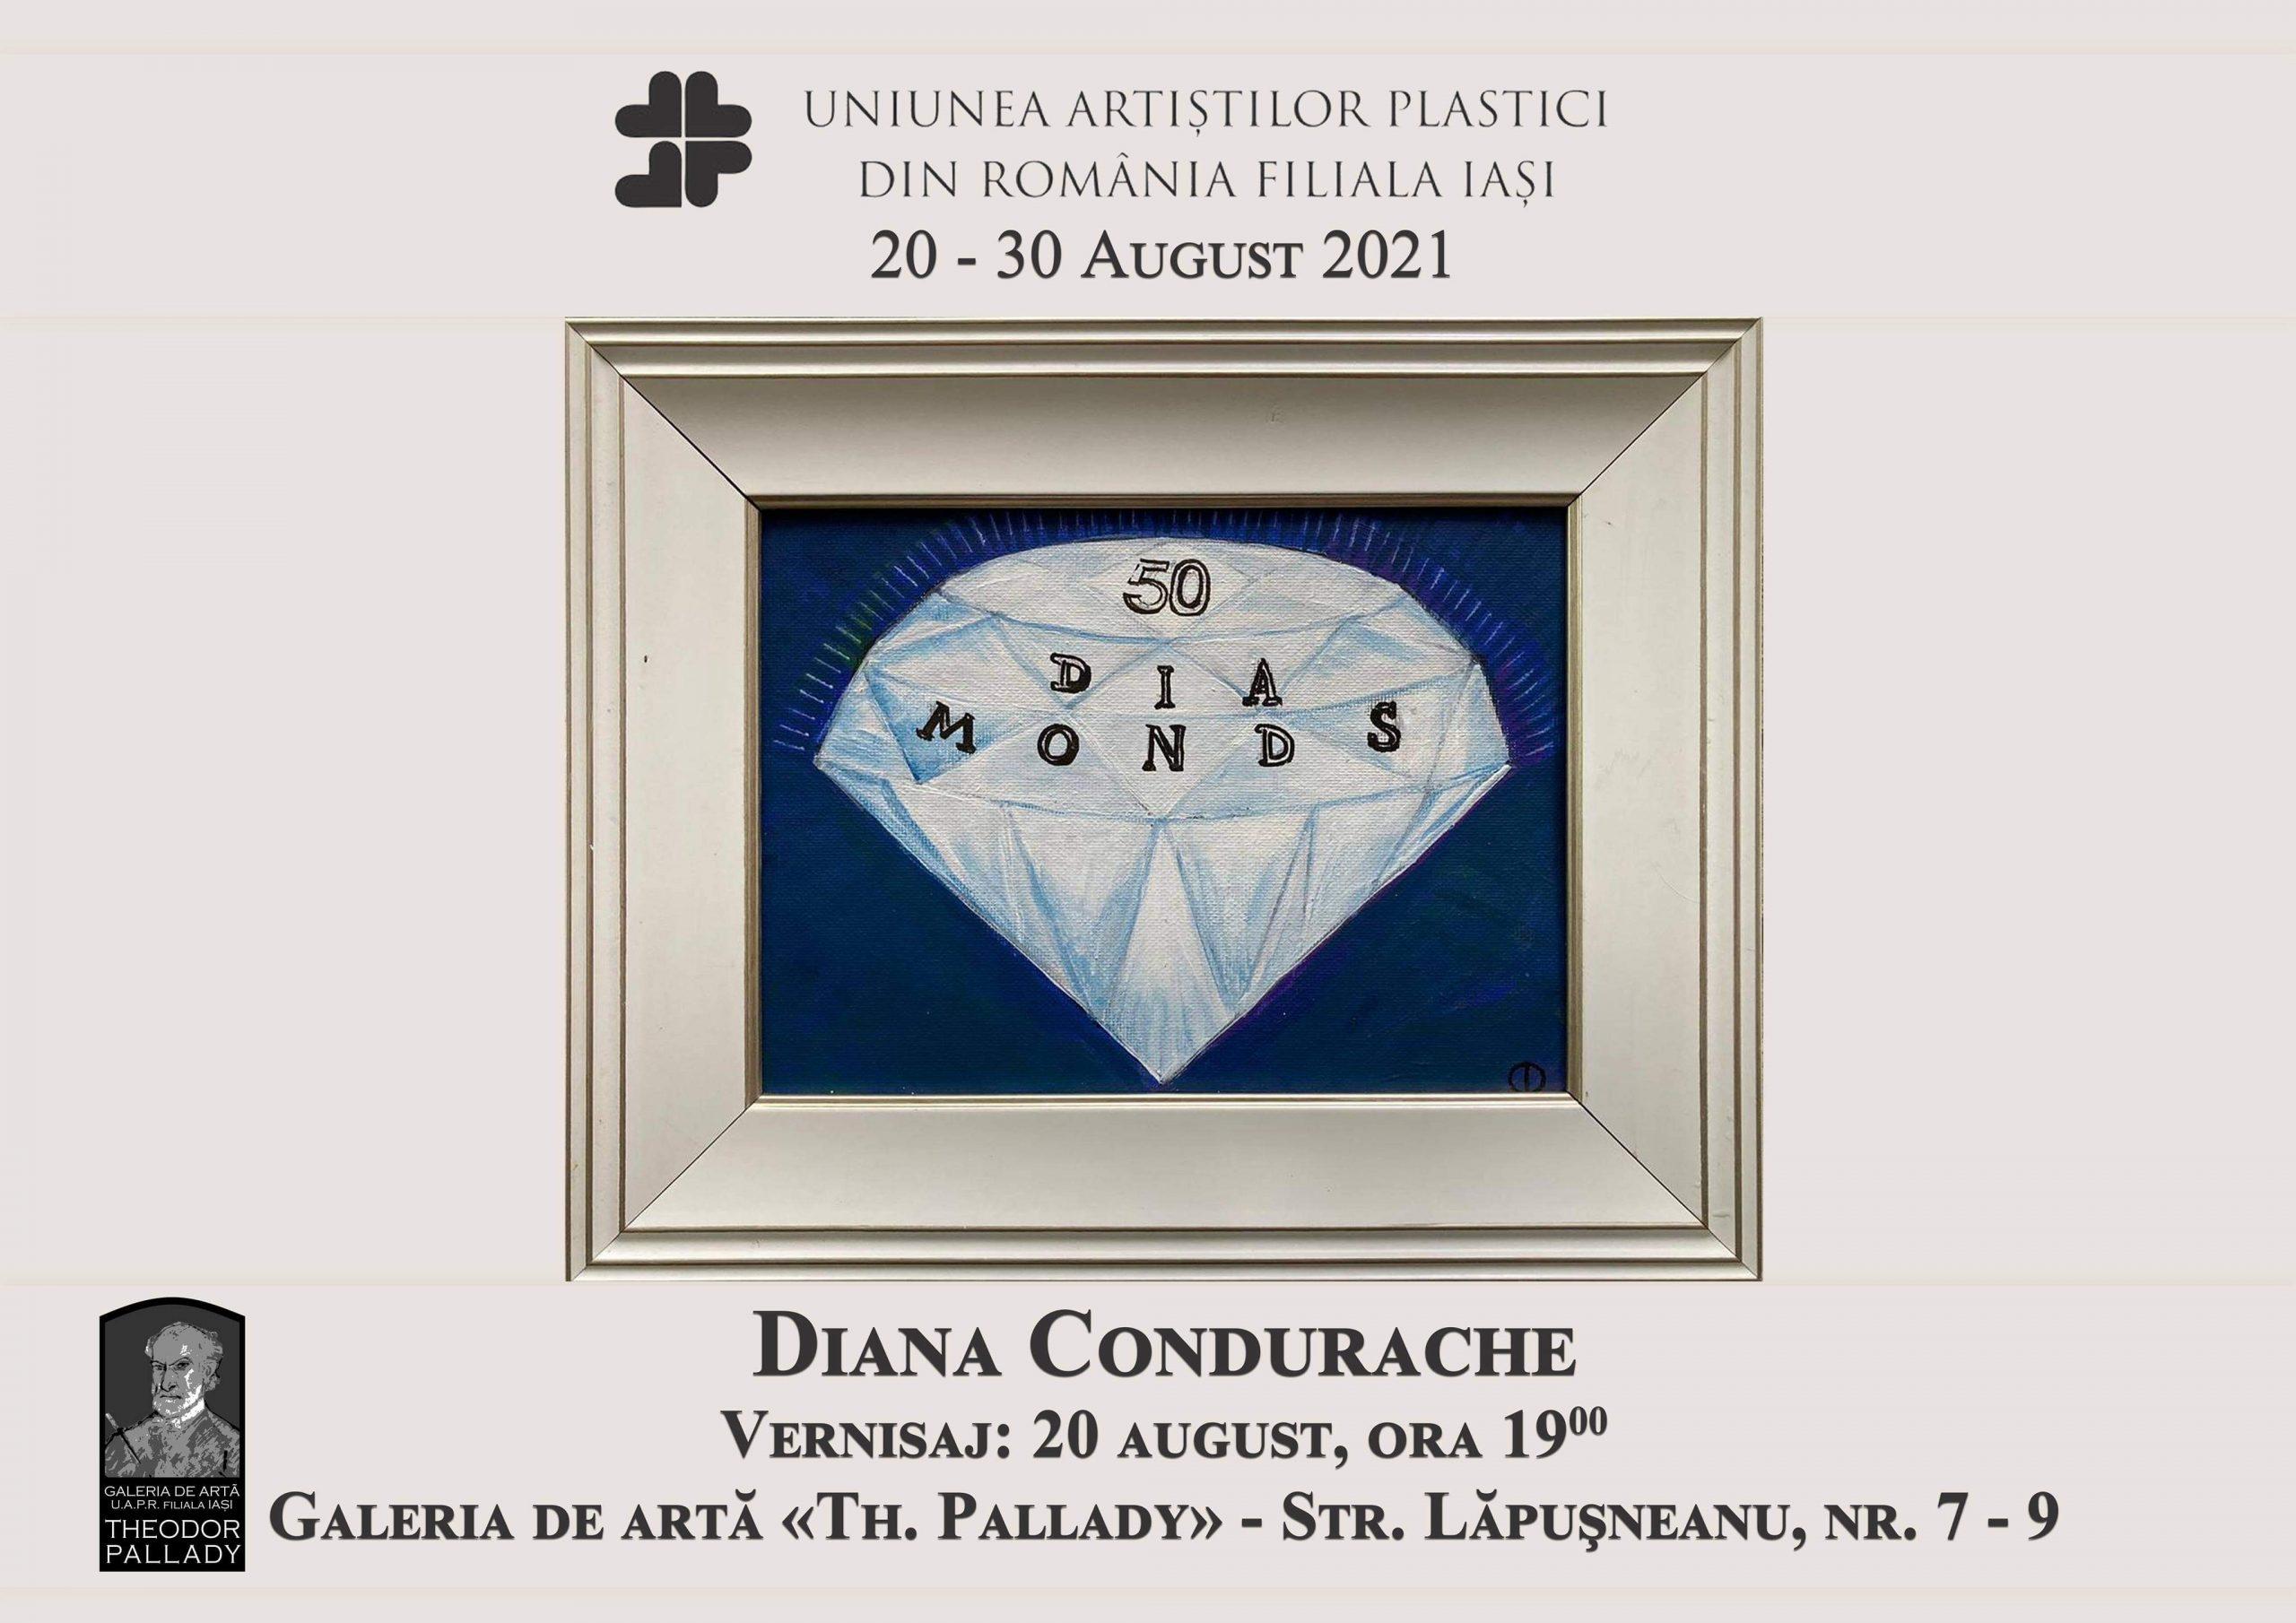 Expoziția 50 DIA MONDS – Diana Condurache